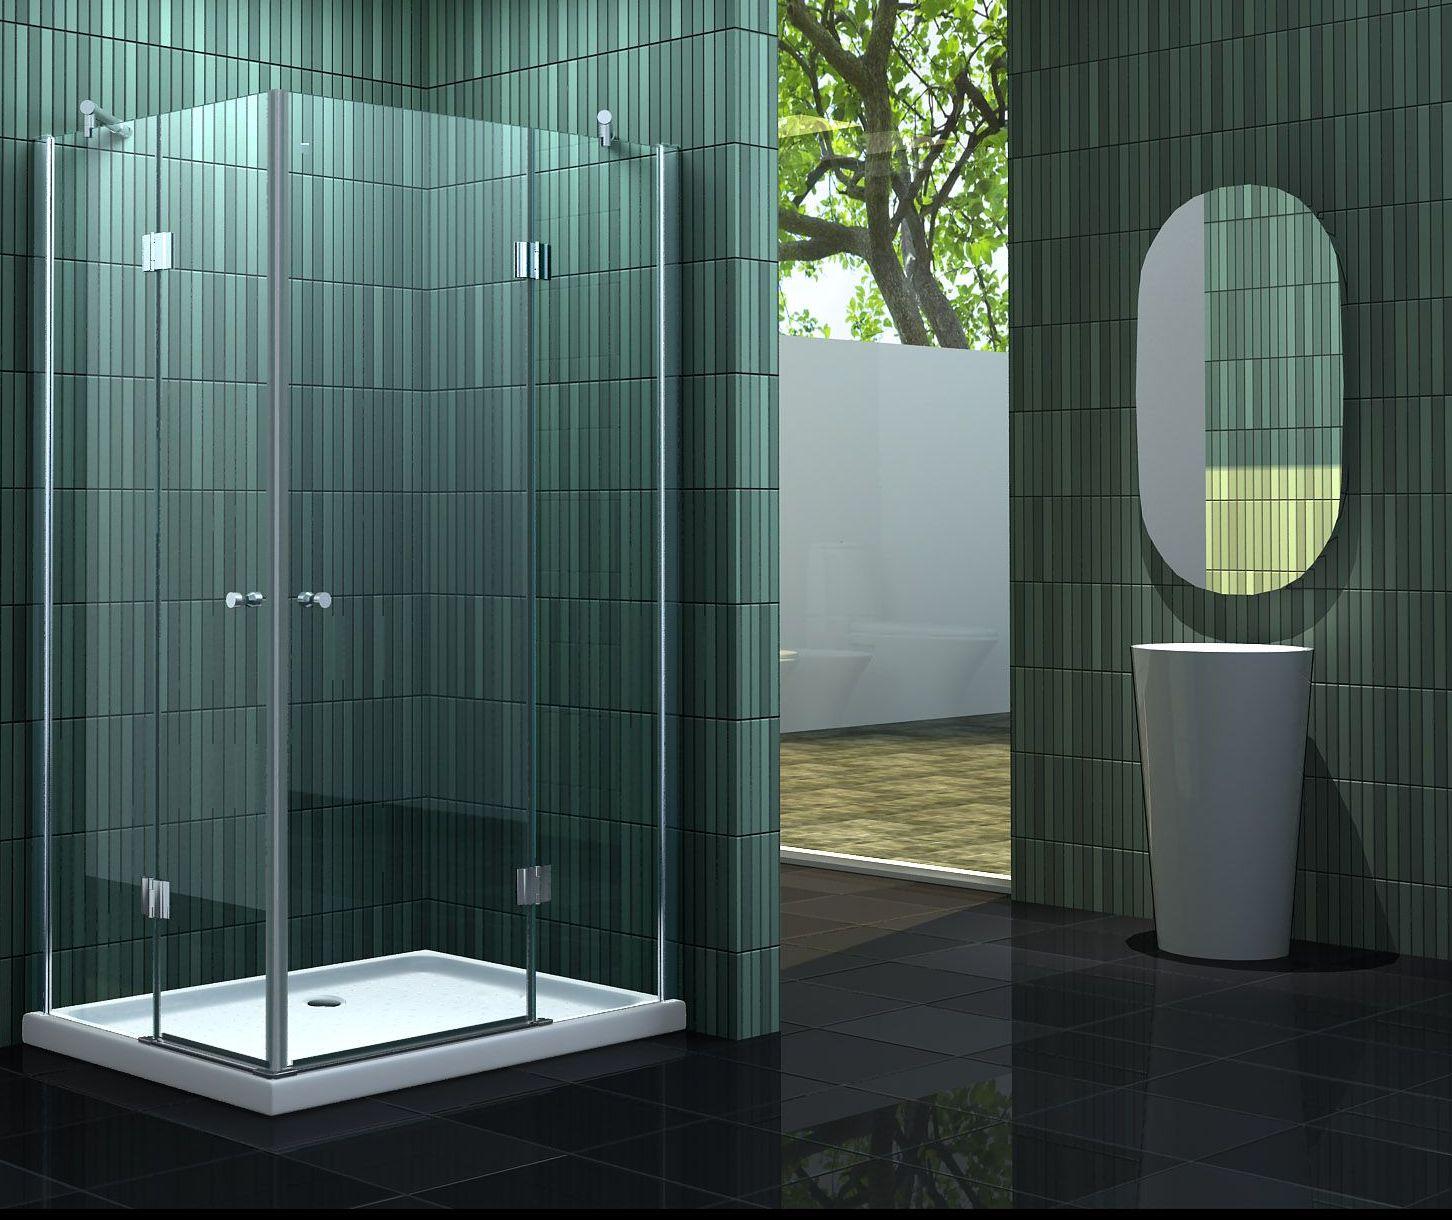 Duschkabine NEOTEC 120 x 80 x 200 cm inkl. Duschtasse